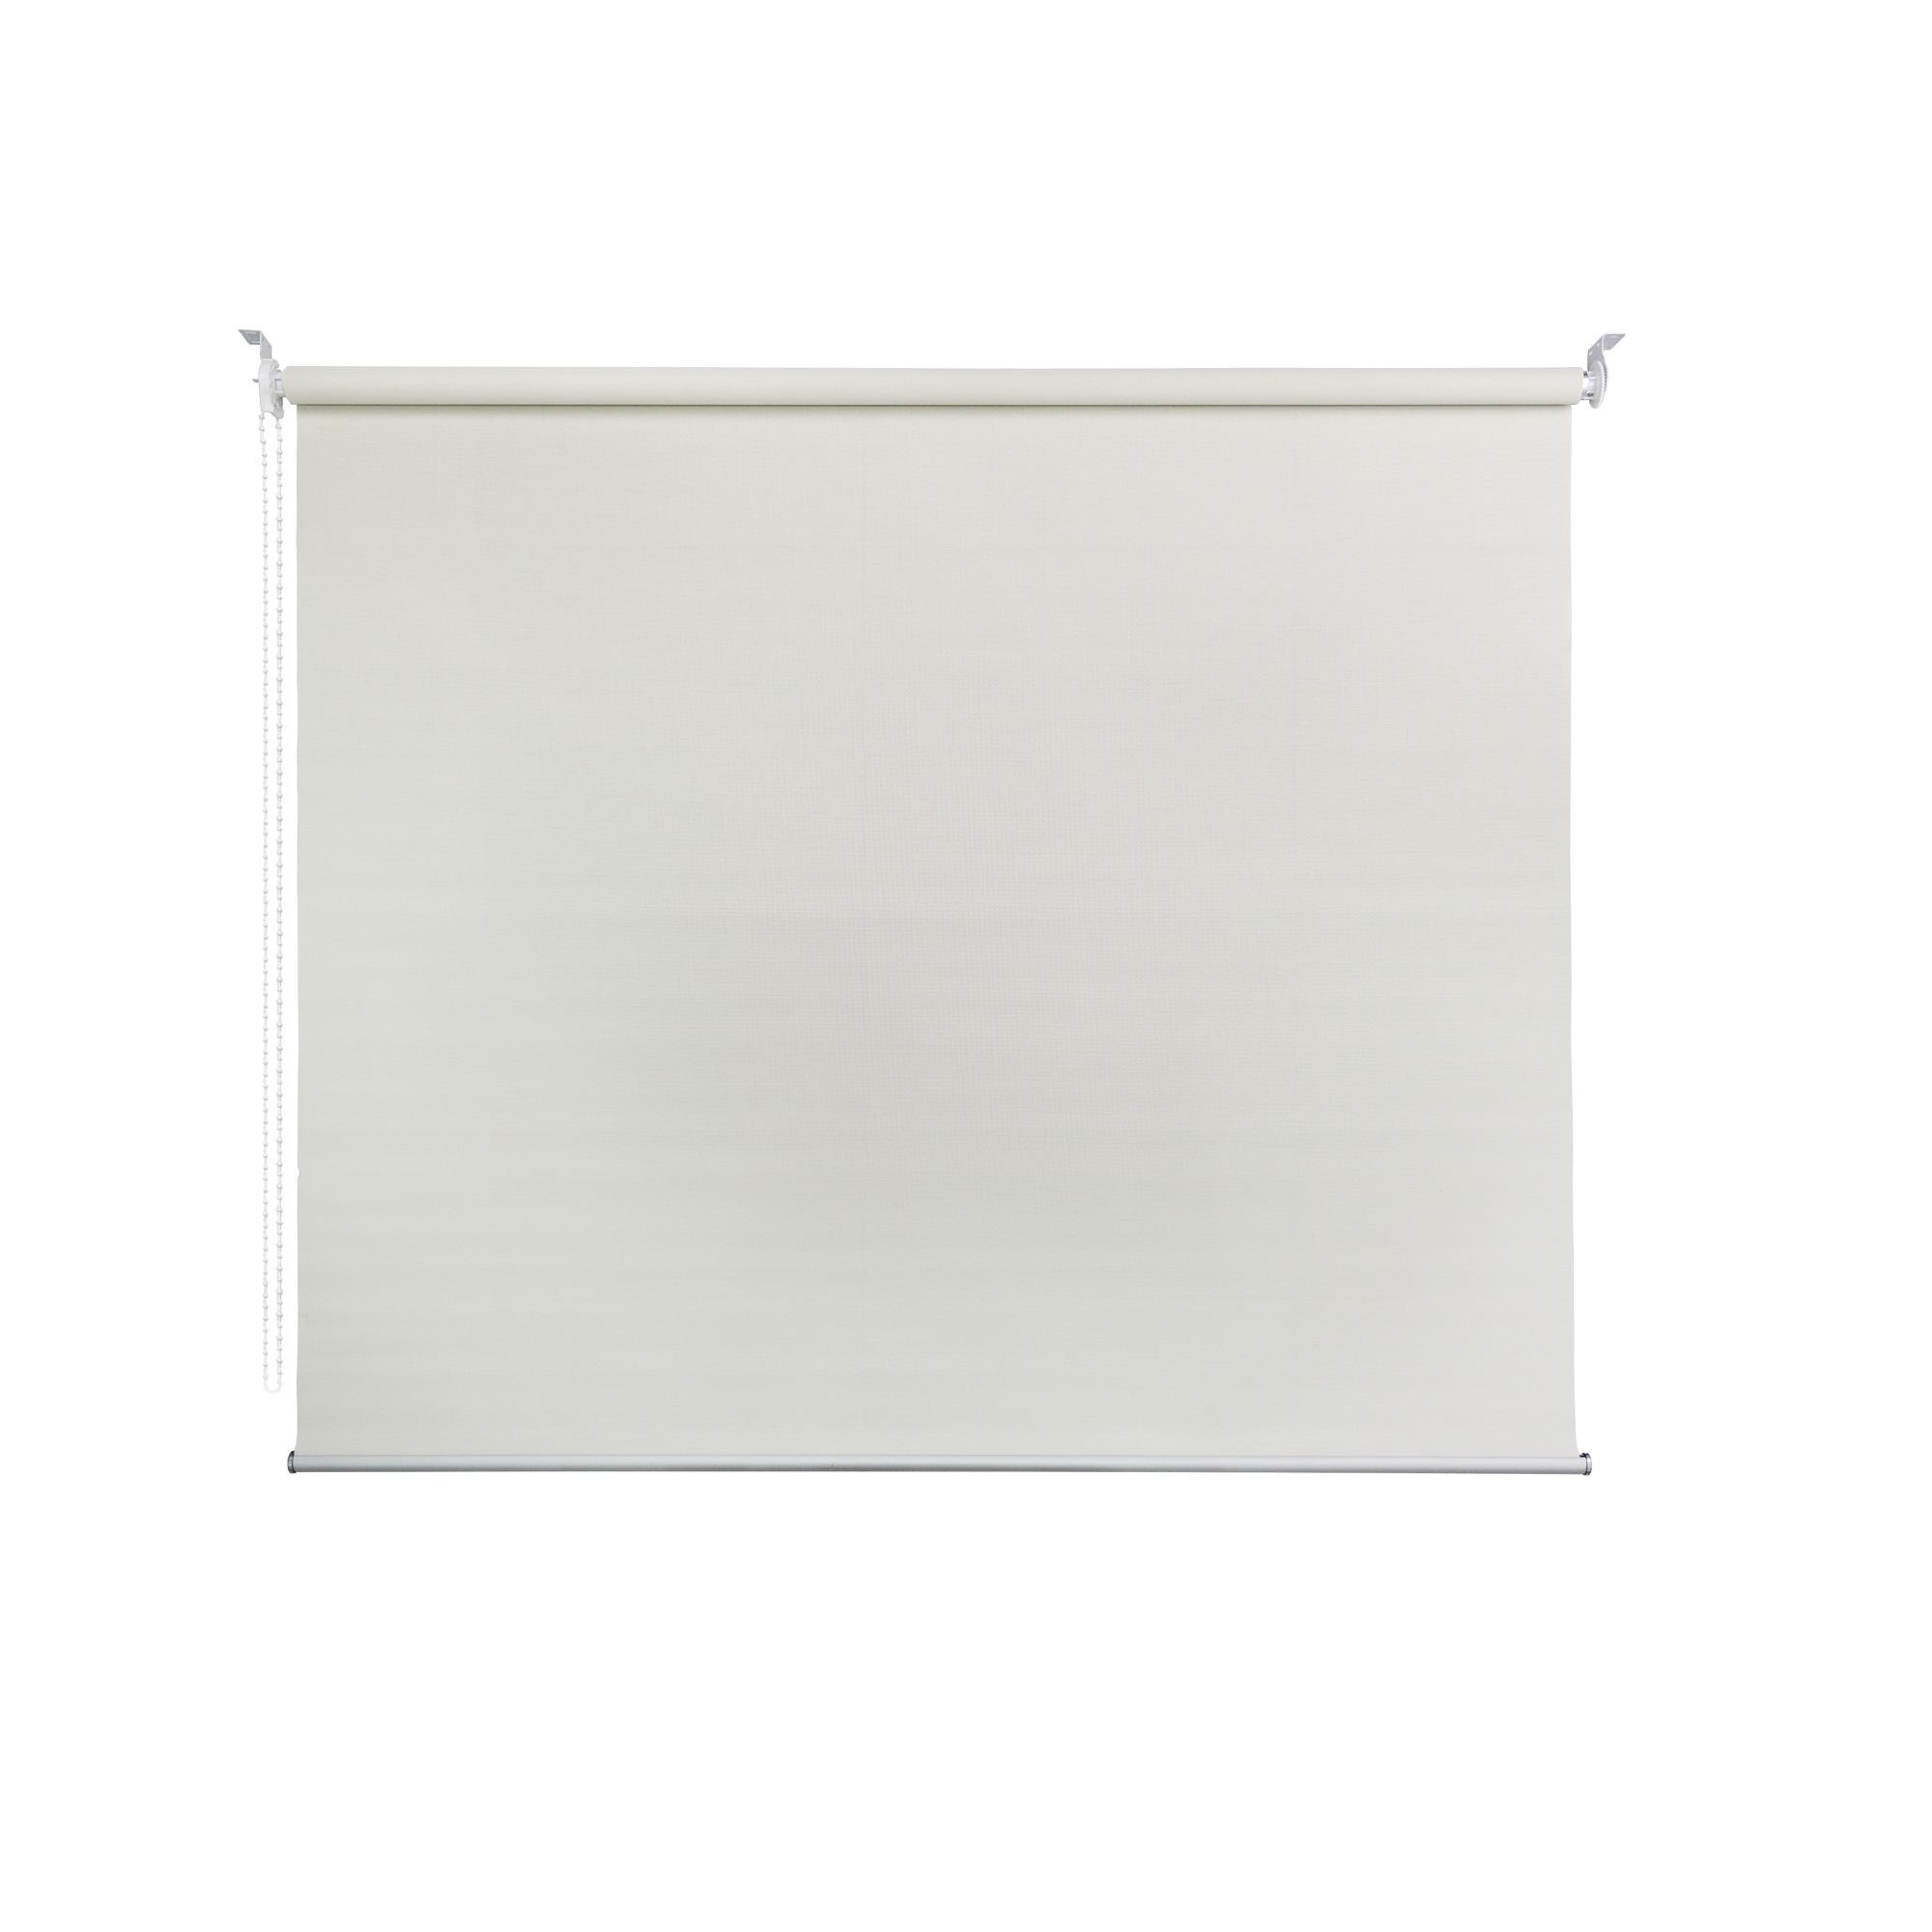 Persiana Rolo Poliester e PVC 160x170 cm Bege 50A08 - Jolie